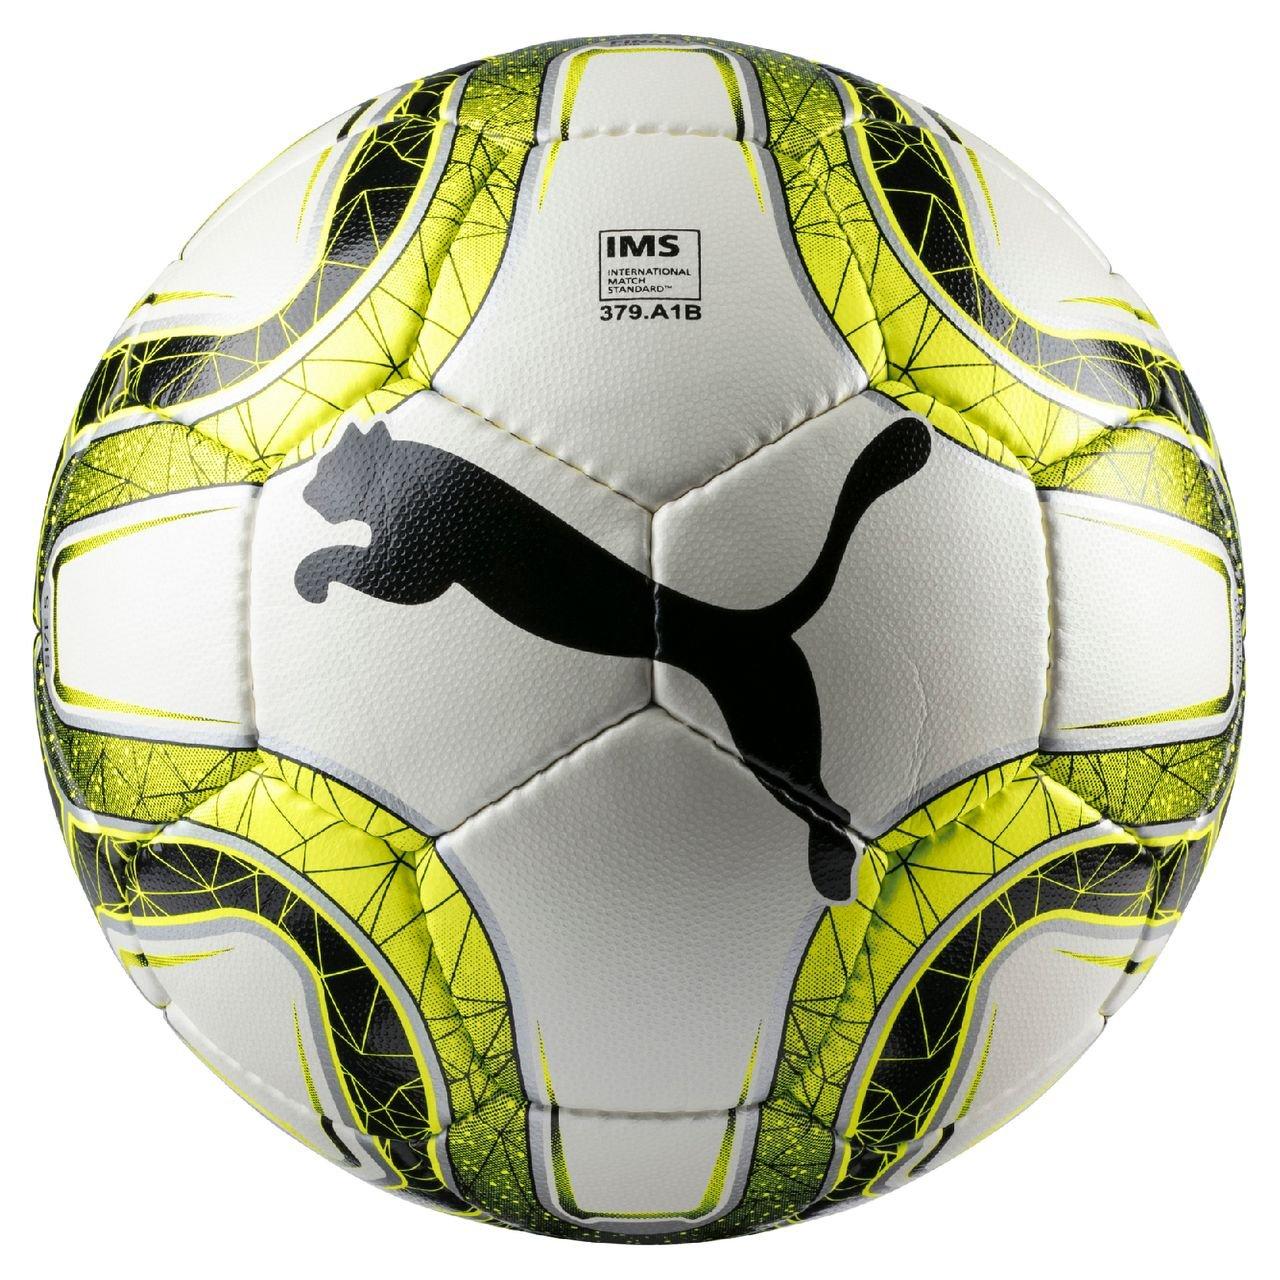 Puma Final 4 Club (Ims APPR) Baló n de Fú tbol, Unisex Adulto